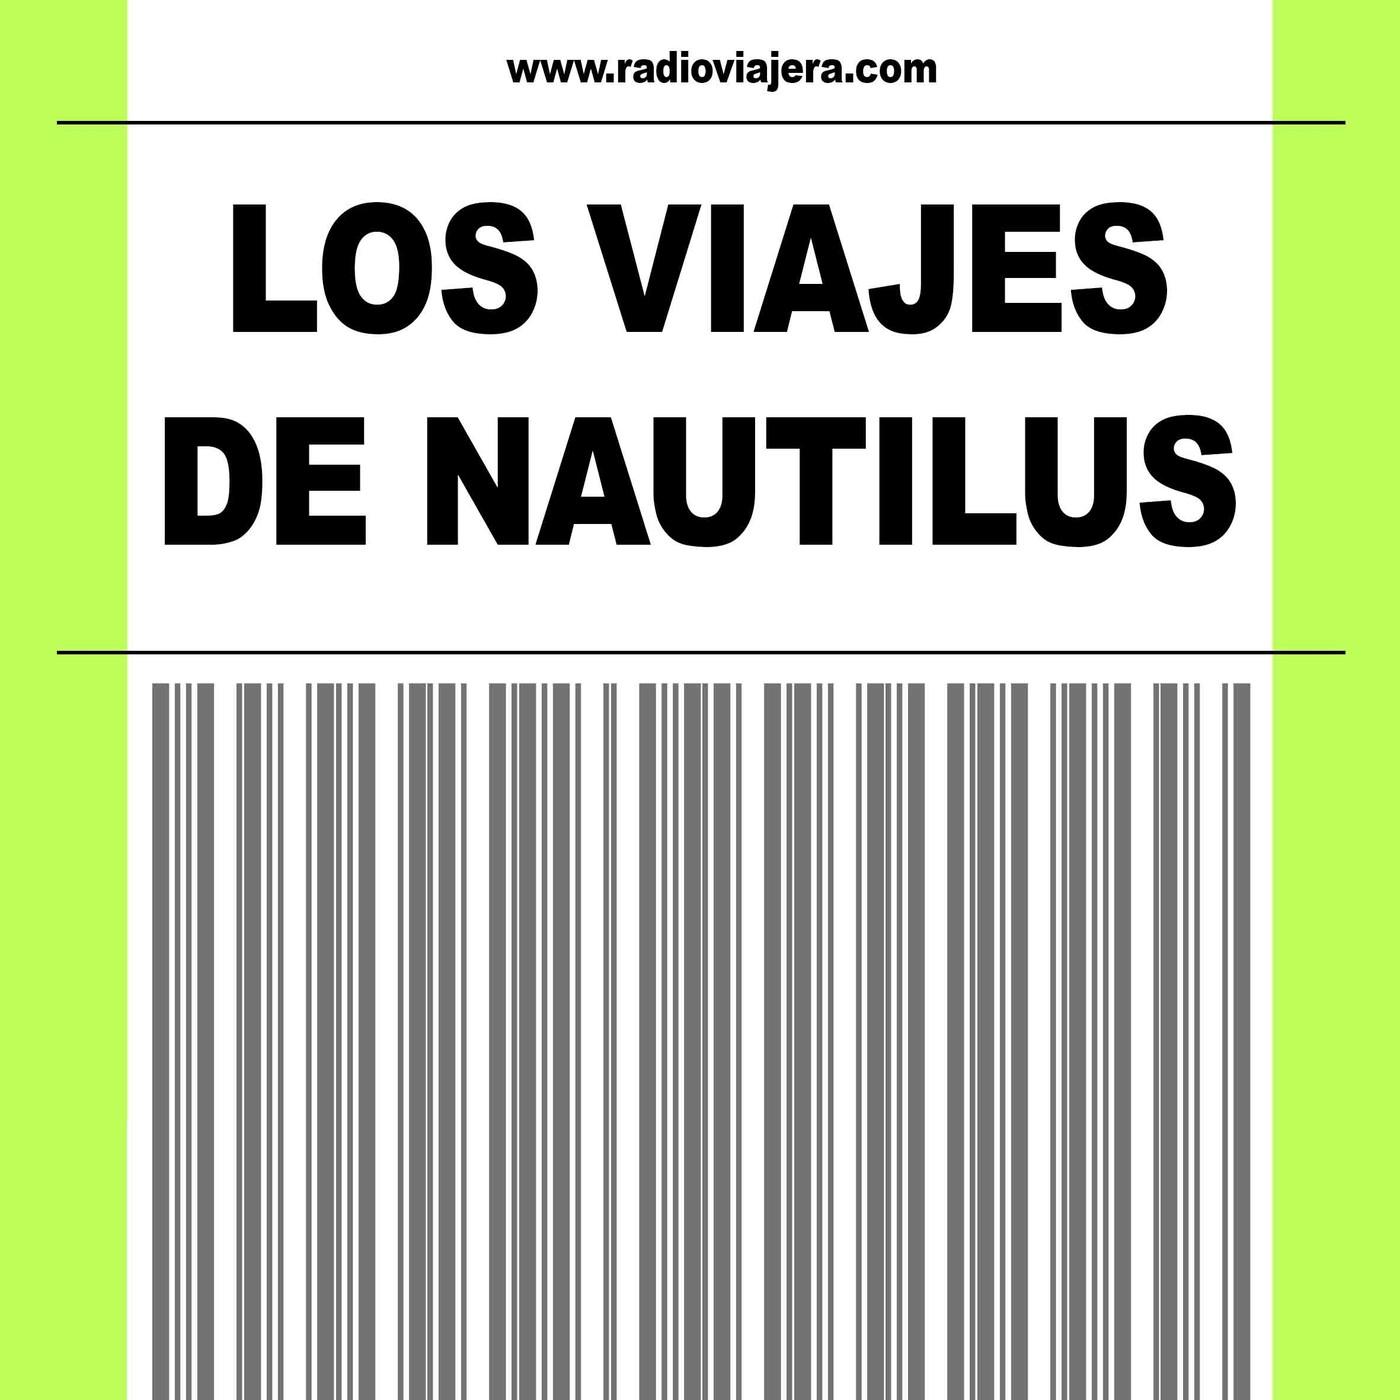 Los Viajes de Nautilus 03x09 - Córcega